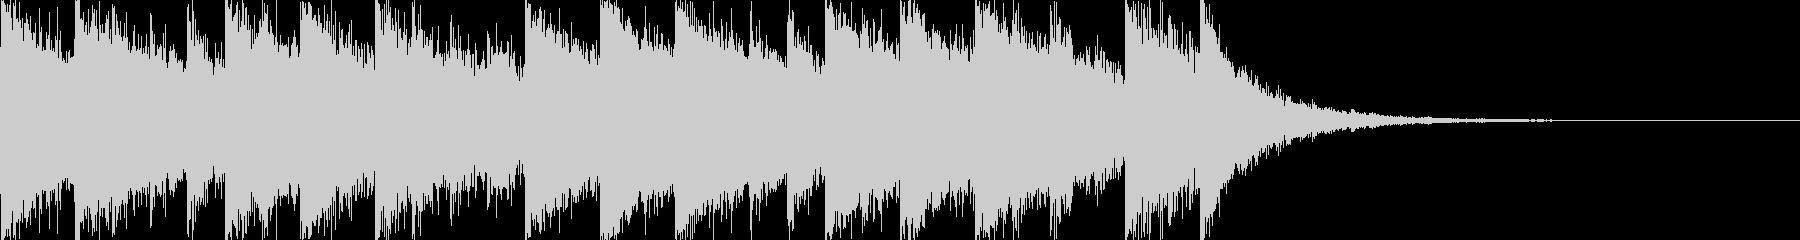 かっこいいさわやかな10秒EDMジングルの未再生の波形